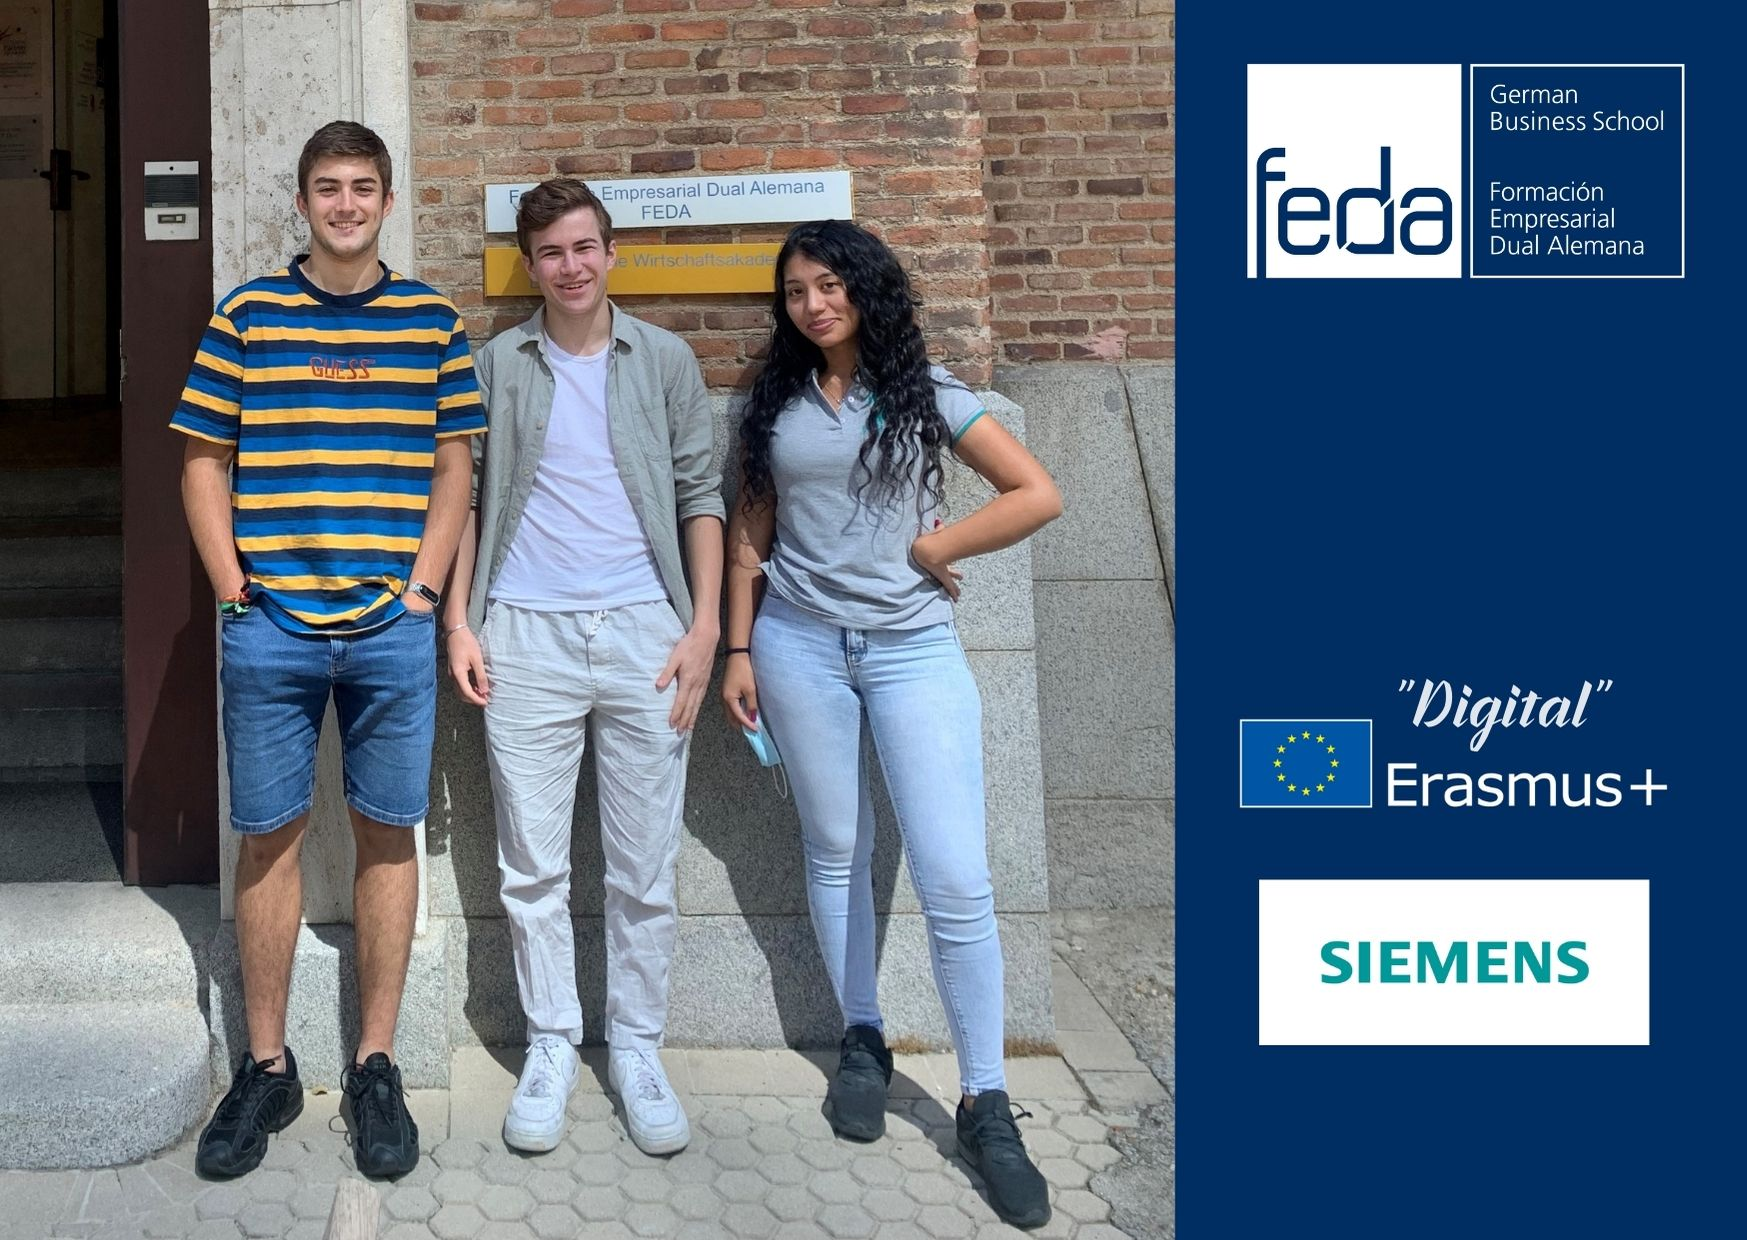 Erasmus+ digital con Siemens en tiempos de pandemia